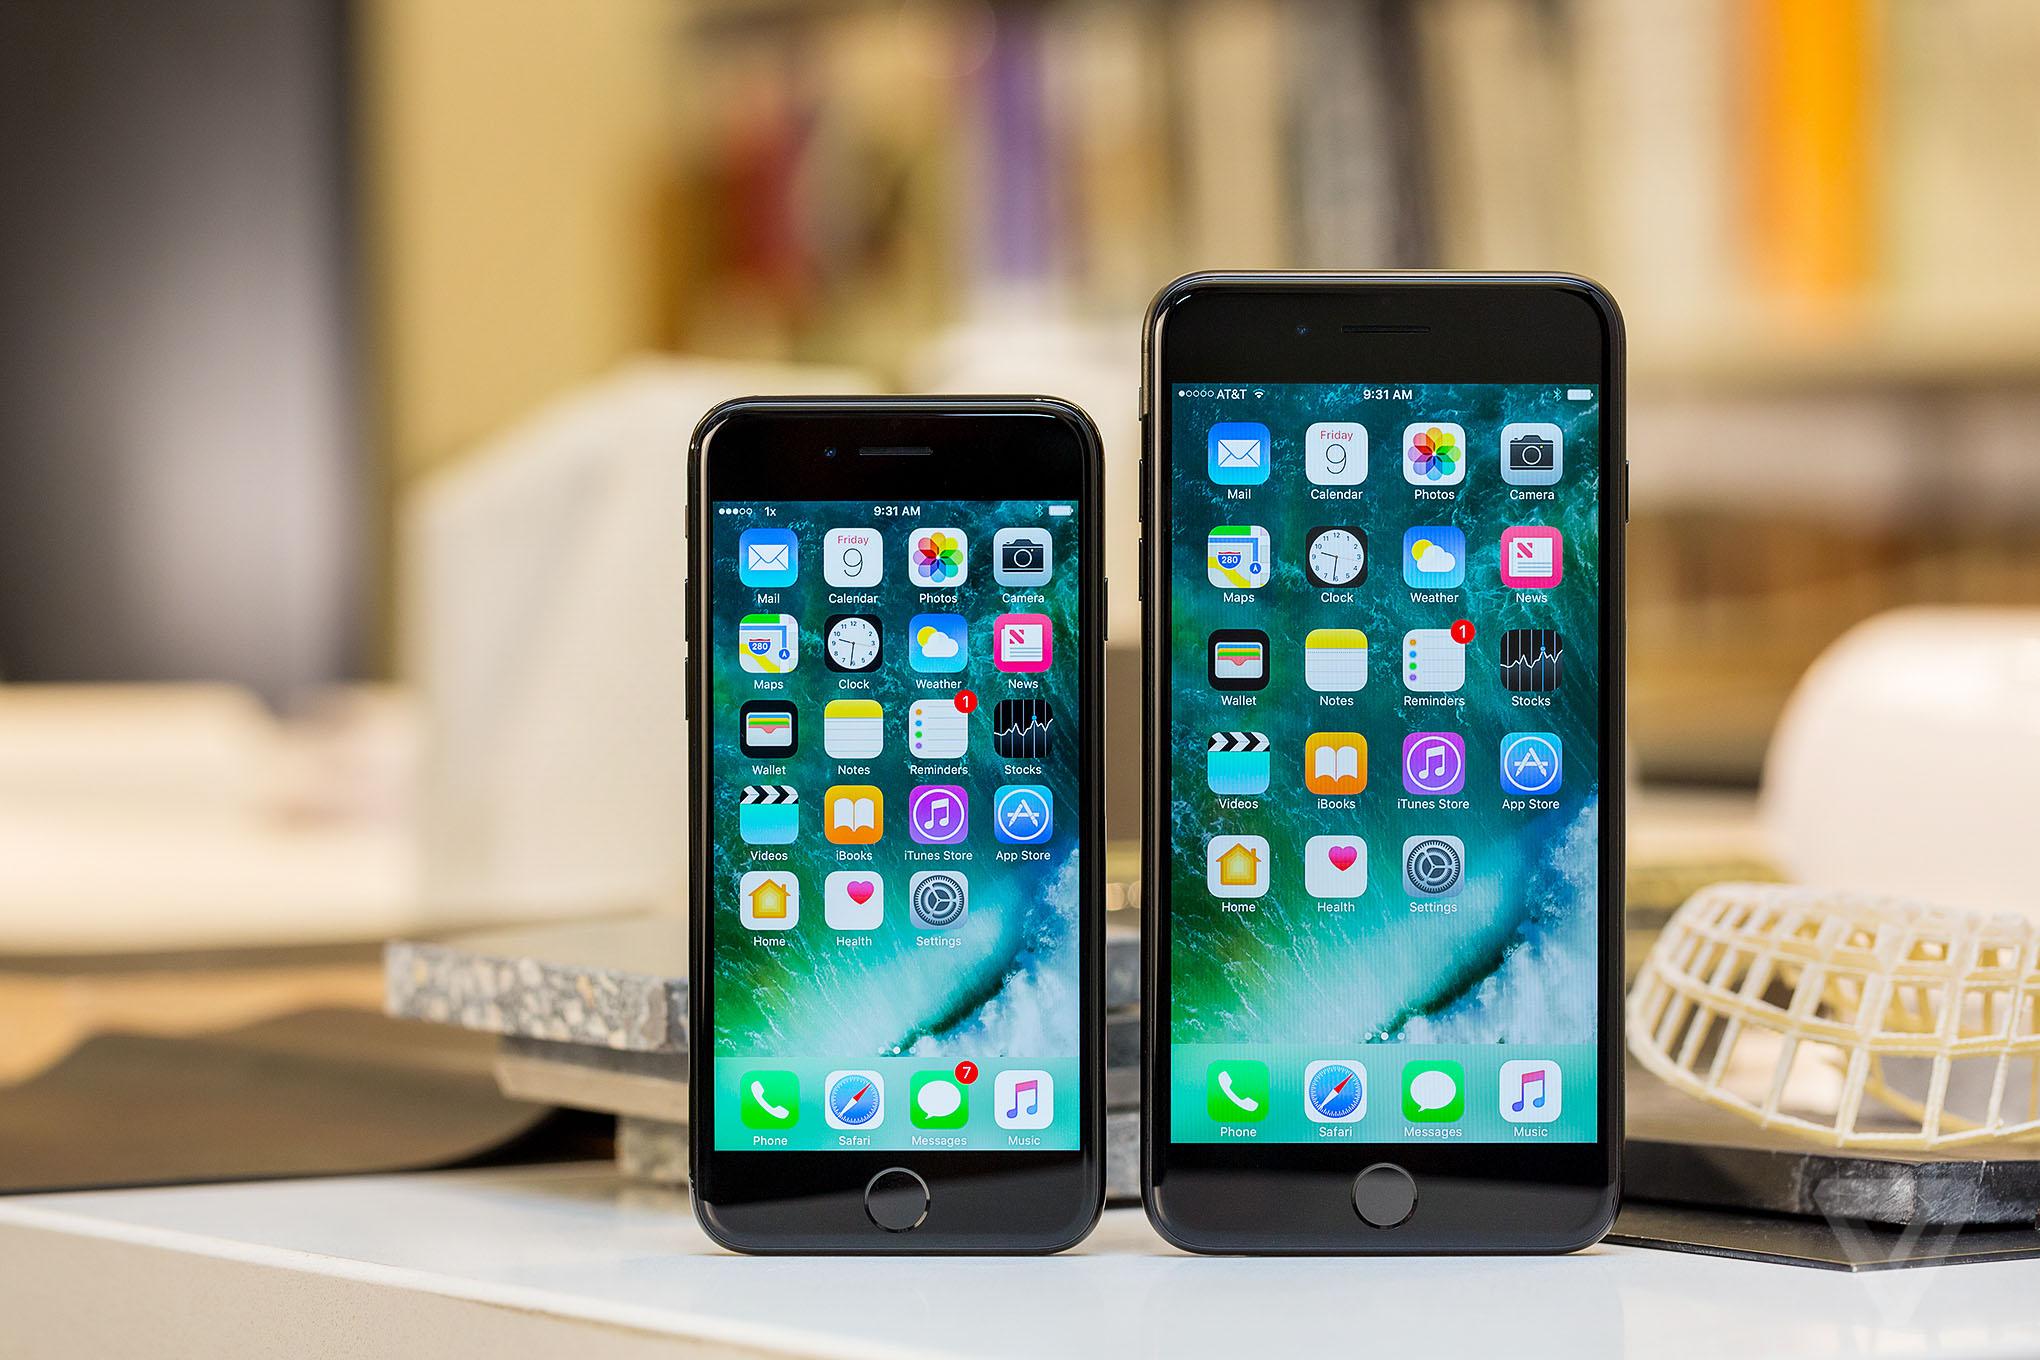 10 triệu đã mua được iPhone 7, chưa bao giờ iPhone lại dễ mua đến vậy - Ảnh 1.